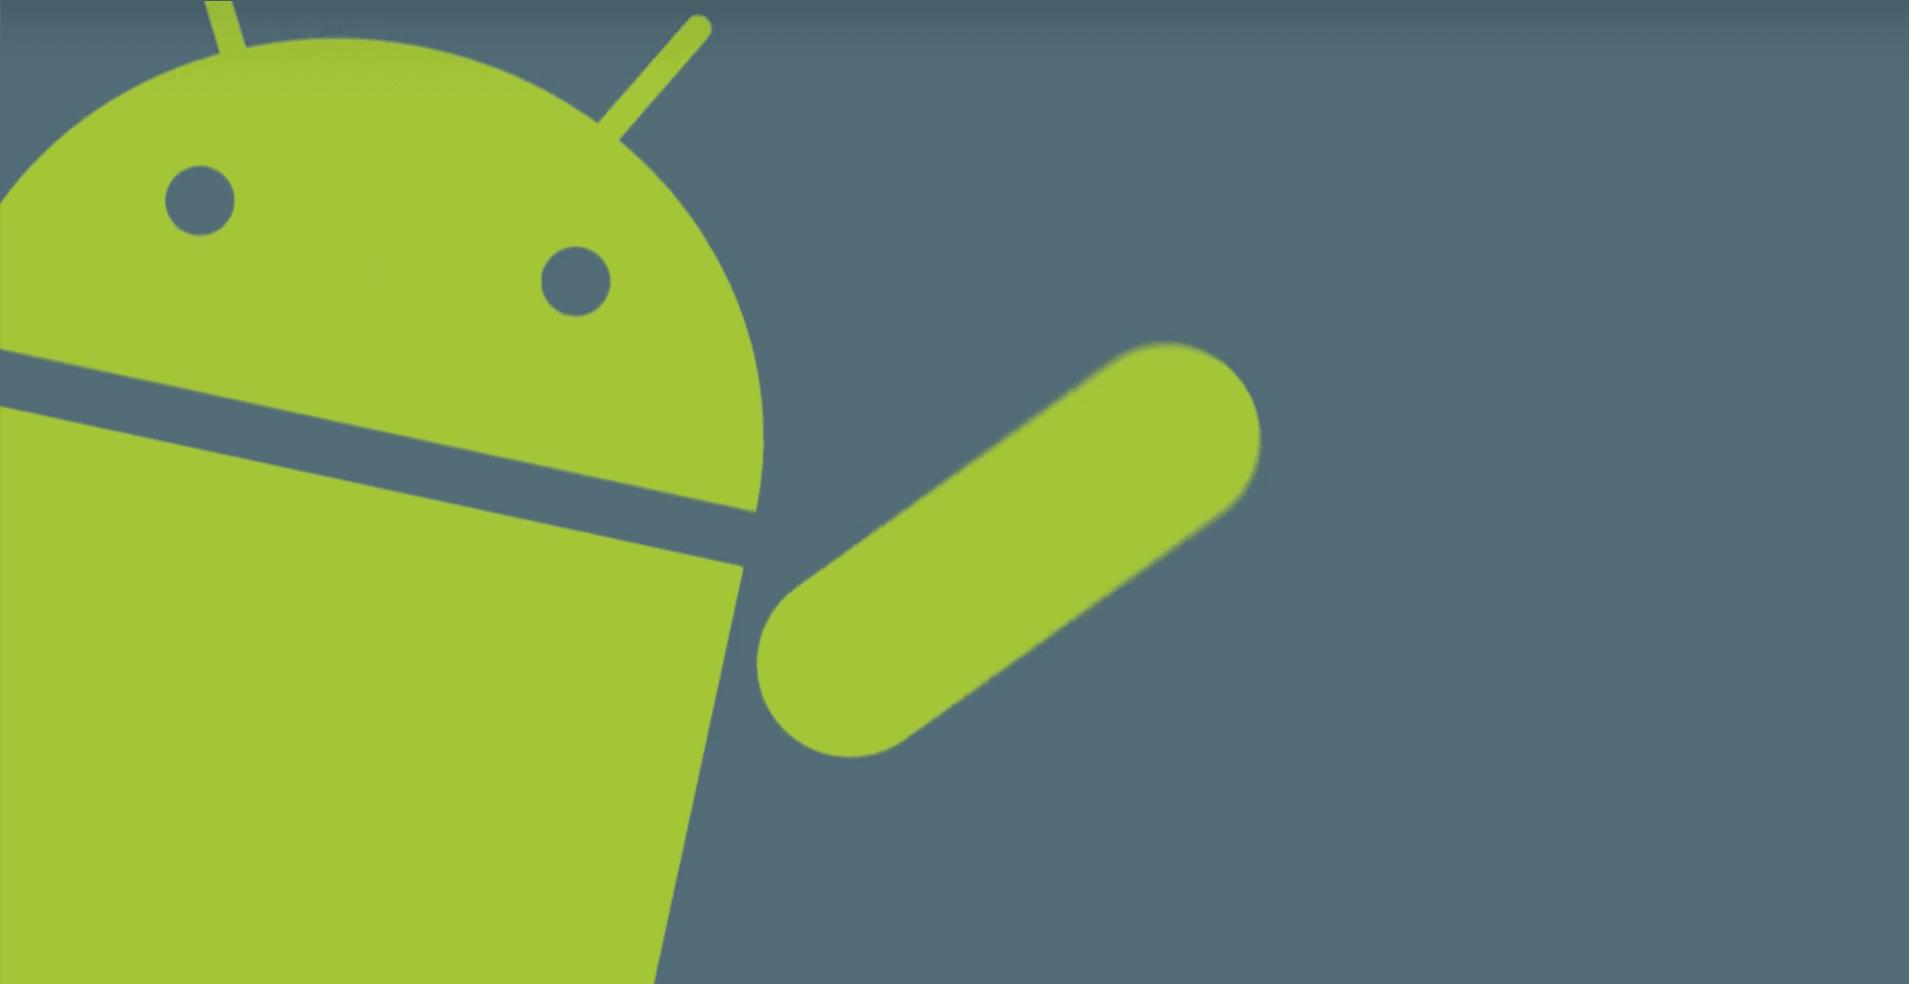 Nowy miesiąc, nowe statystyki, a Android Oreo nadal nie ma nawet 1% udziału w rynku Androida 27